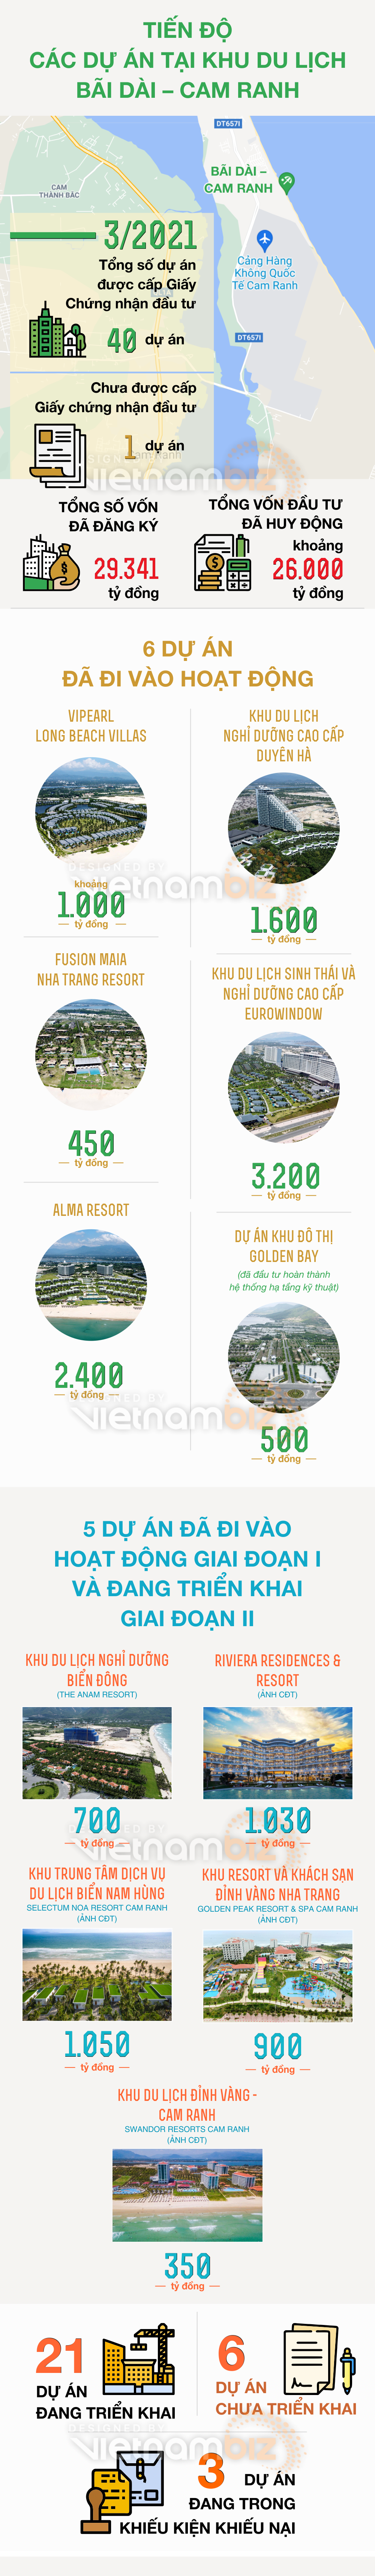 [Infographic] Đại công trường Bãi Dài với 40 dự án hơn 30.000 tỷ đồng - Ảnh 1.